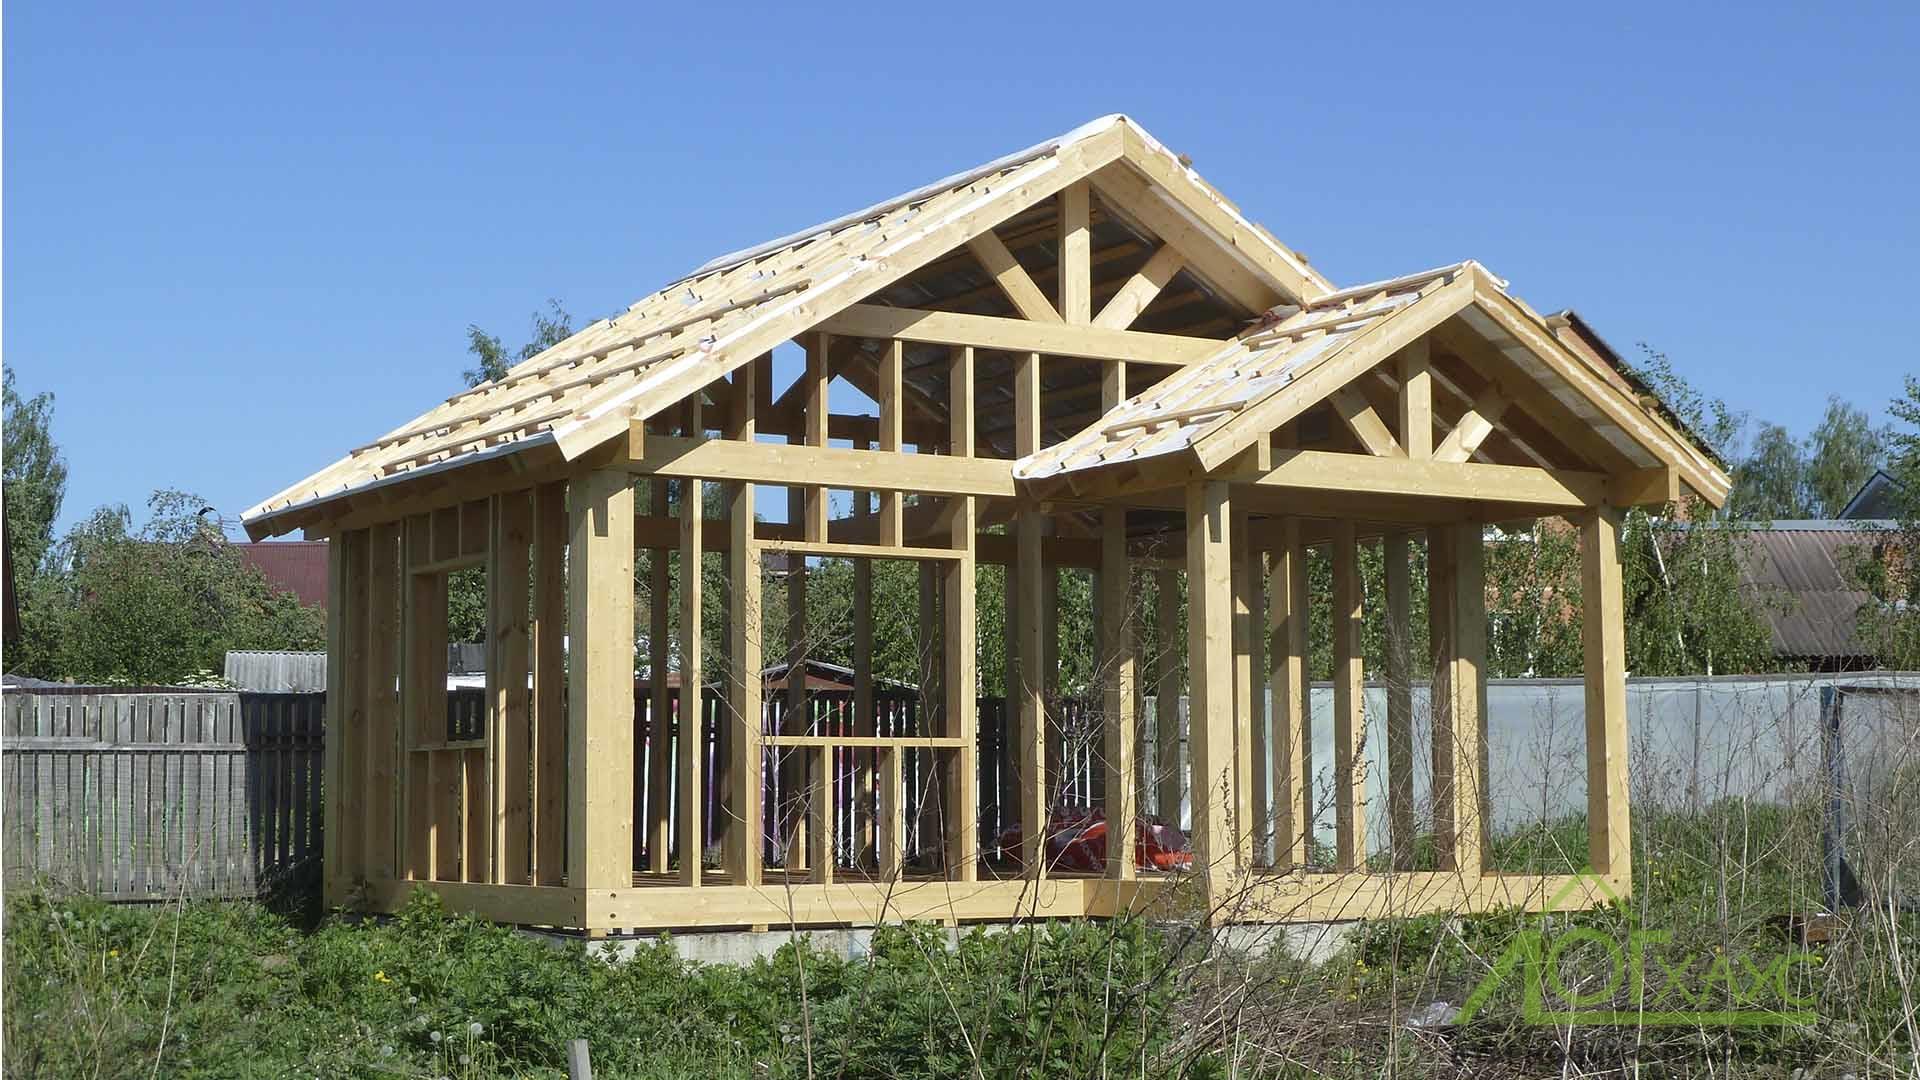 Строительство каркаса дома по технологии фахверк